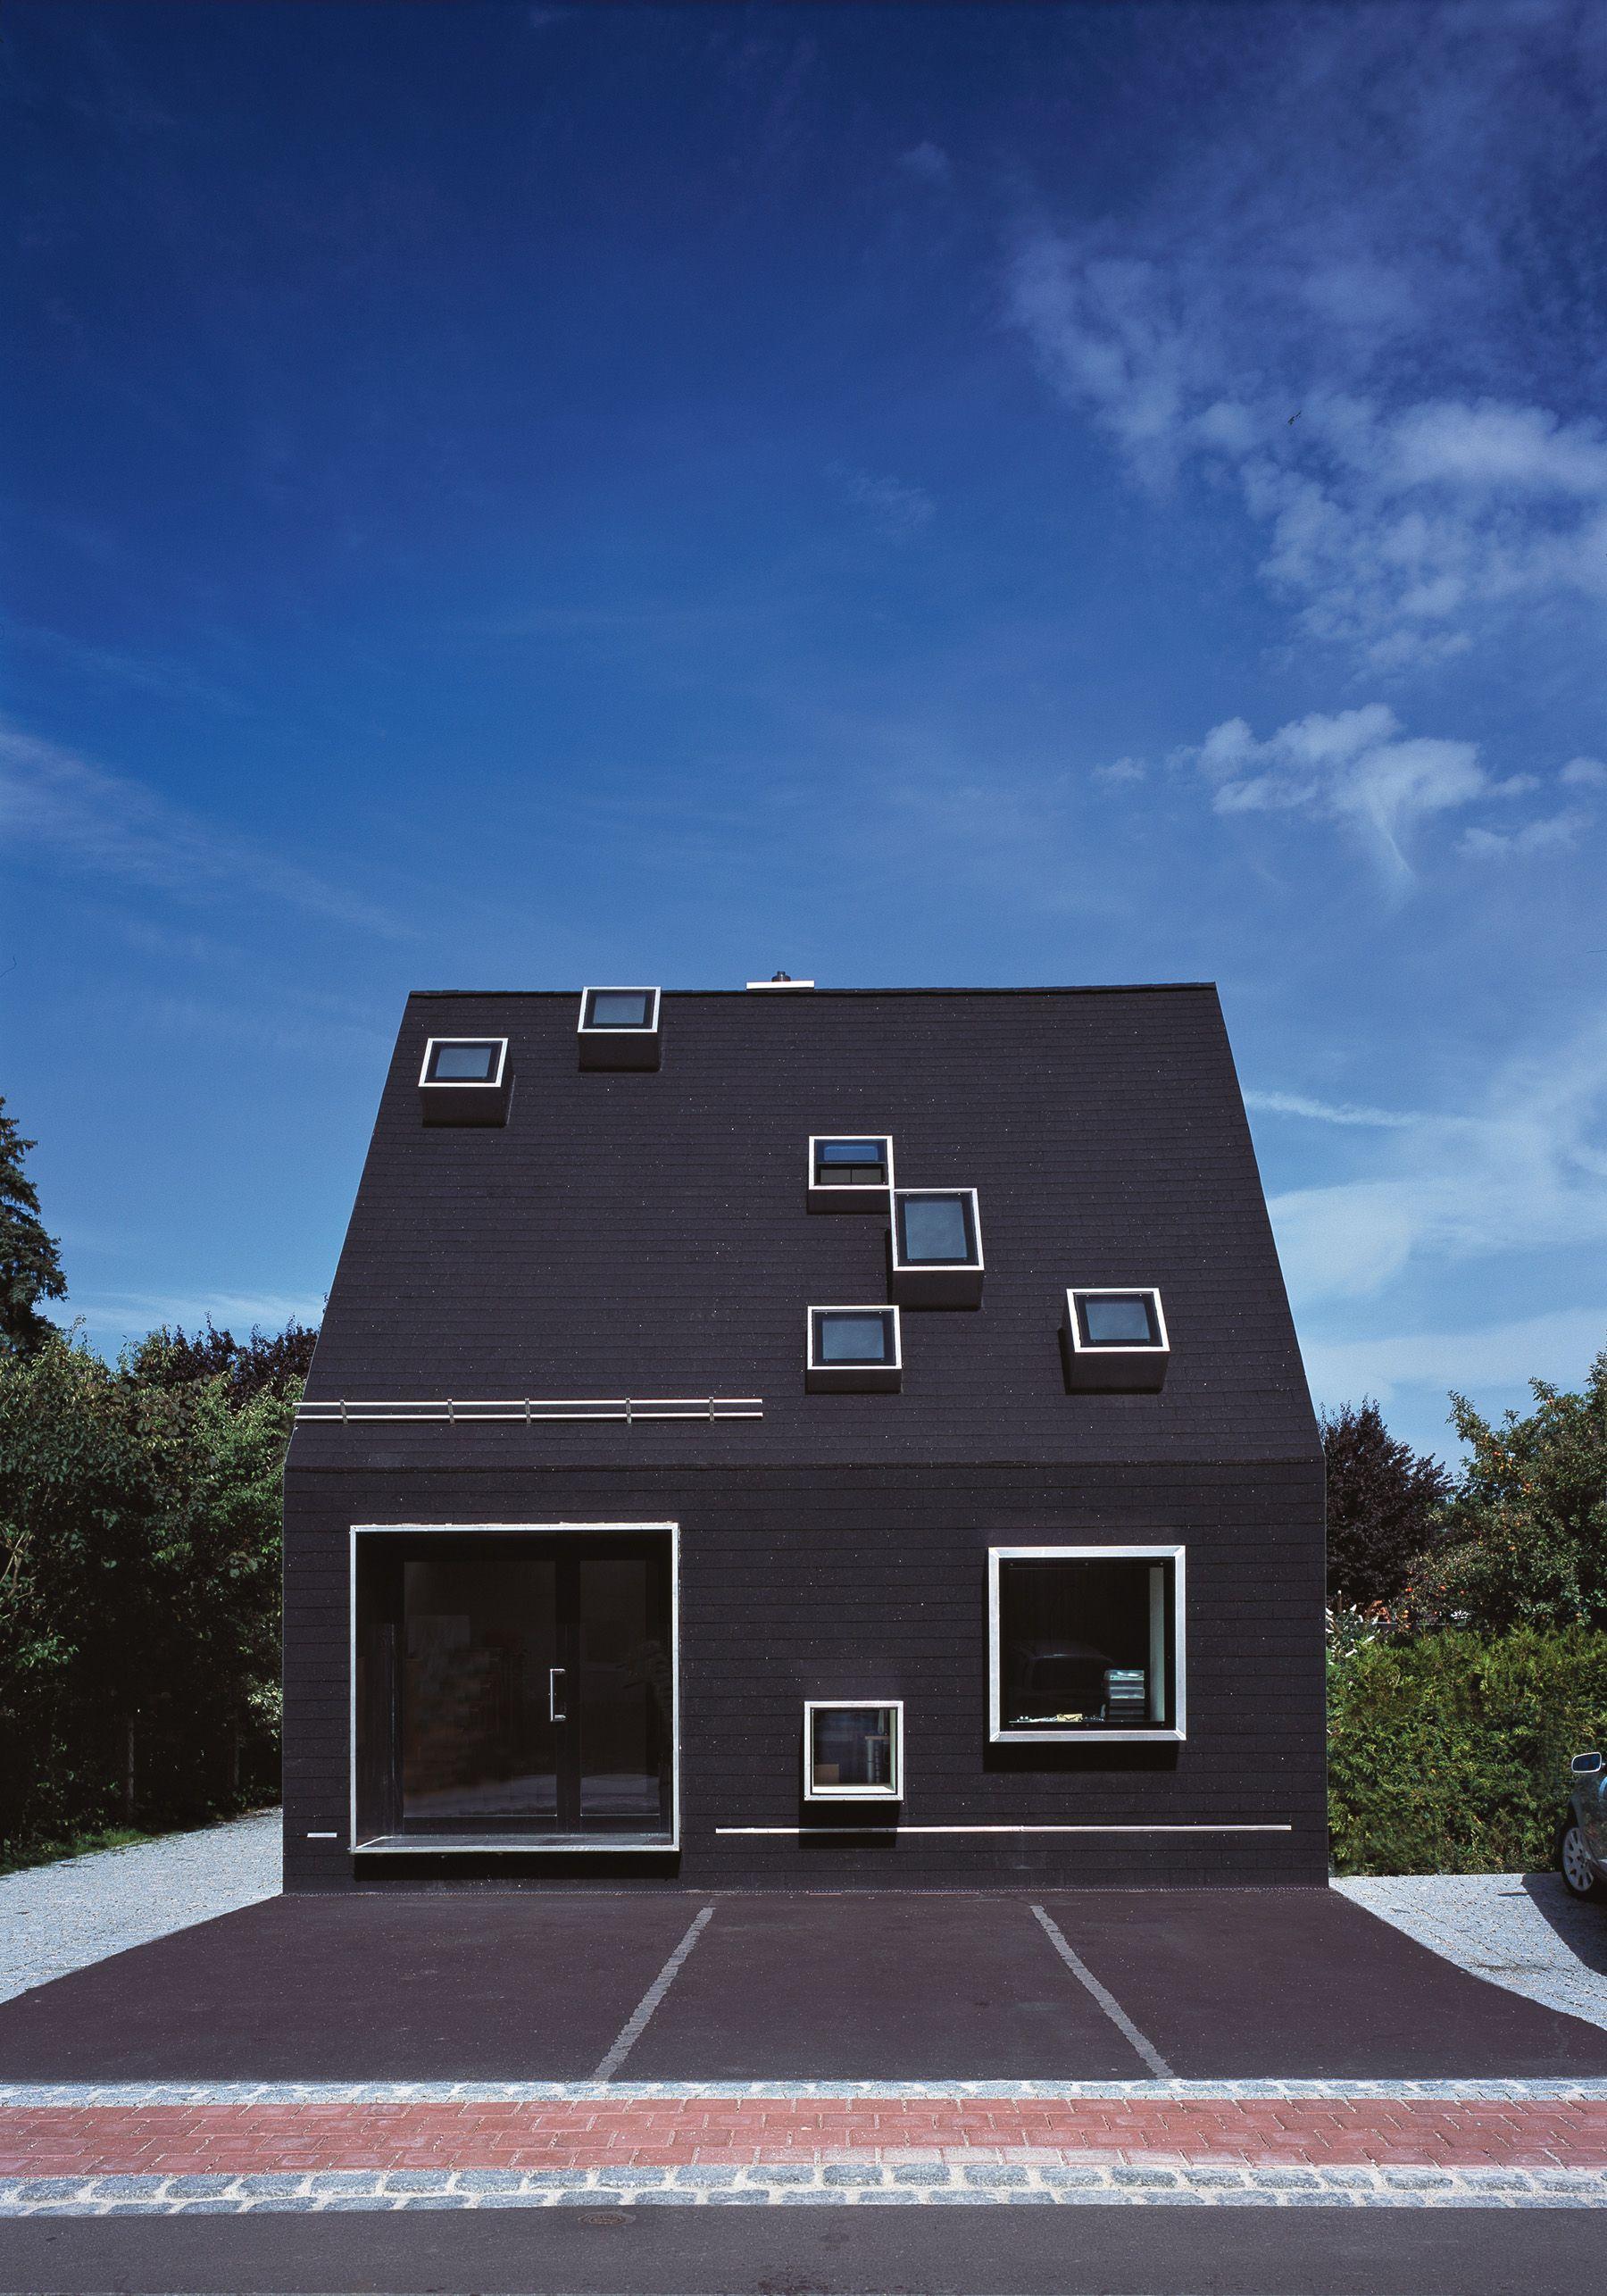 Schwarzes Haus architekten studio für architektur haimerl munich germany